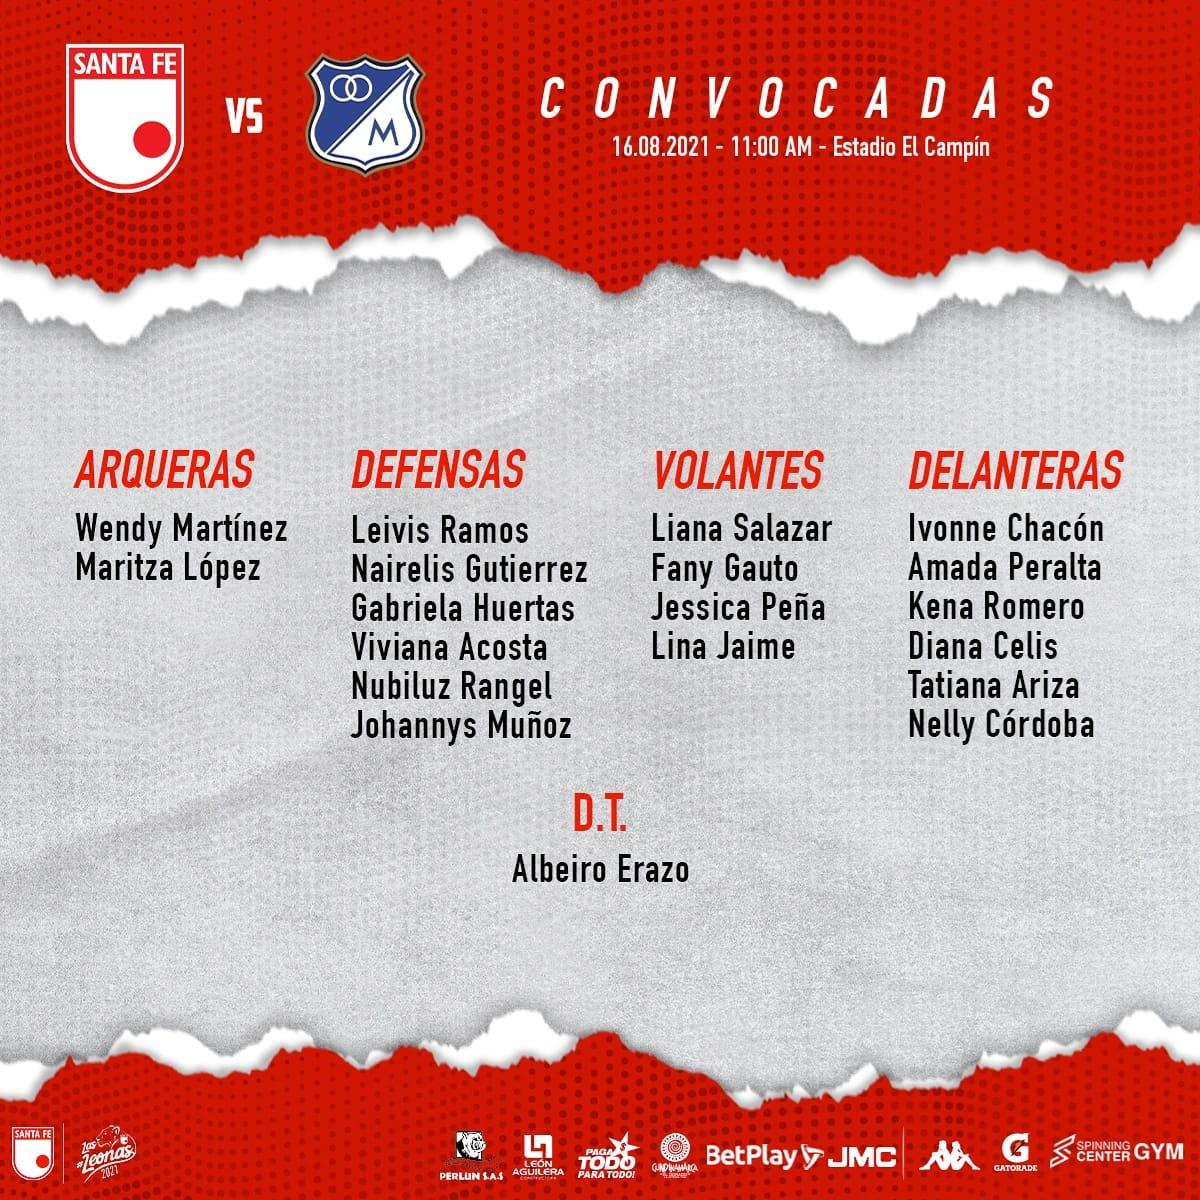 Foto: Independiente <strong><a  data-cke-saved-href='https://vavel.com/colombia/futbol-colombiano/2021/08/13/1081973-adrianaojeda-figura-en-la-goleada-embajadora-sobre-llaneros.html' href='https://vavel.com/colombia/futbol-colombiano/2021/08/13/1081973-adrianaojeda-figura-en-la-goleada-embajadora-sobre-llaneros.html'>Santa Fe</a></strong>